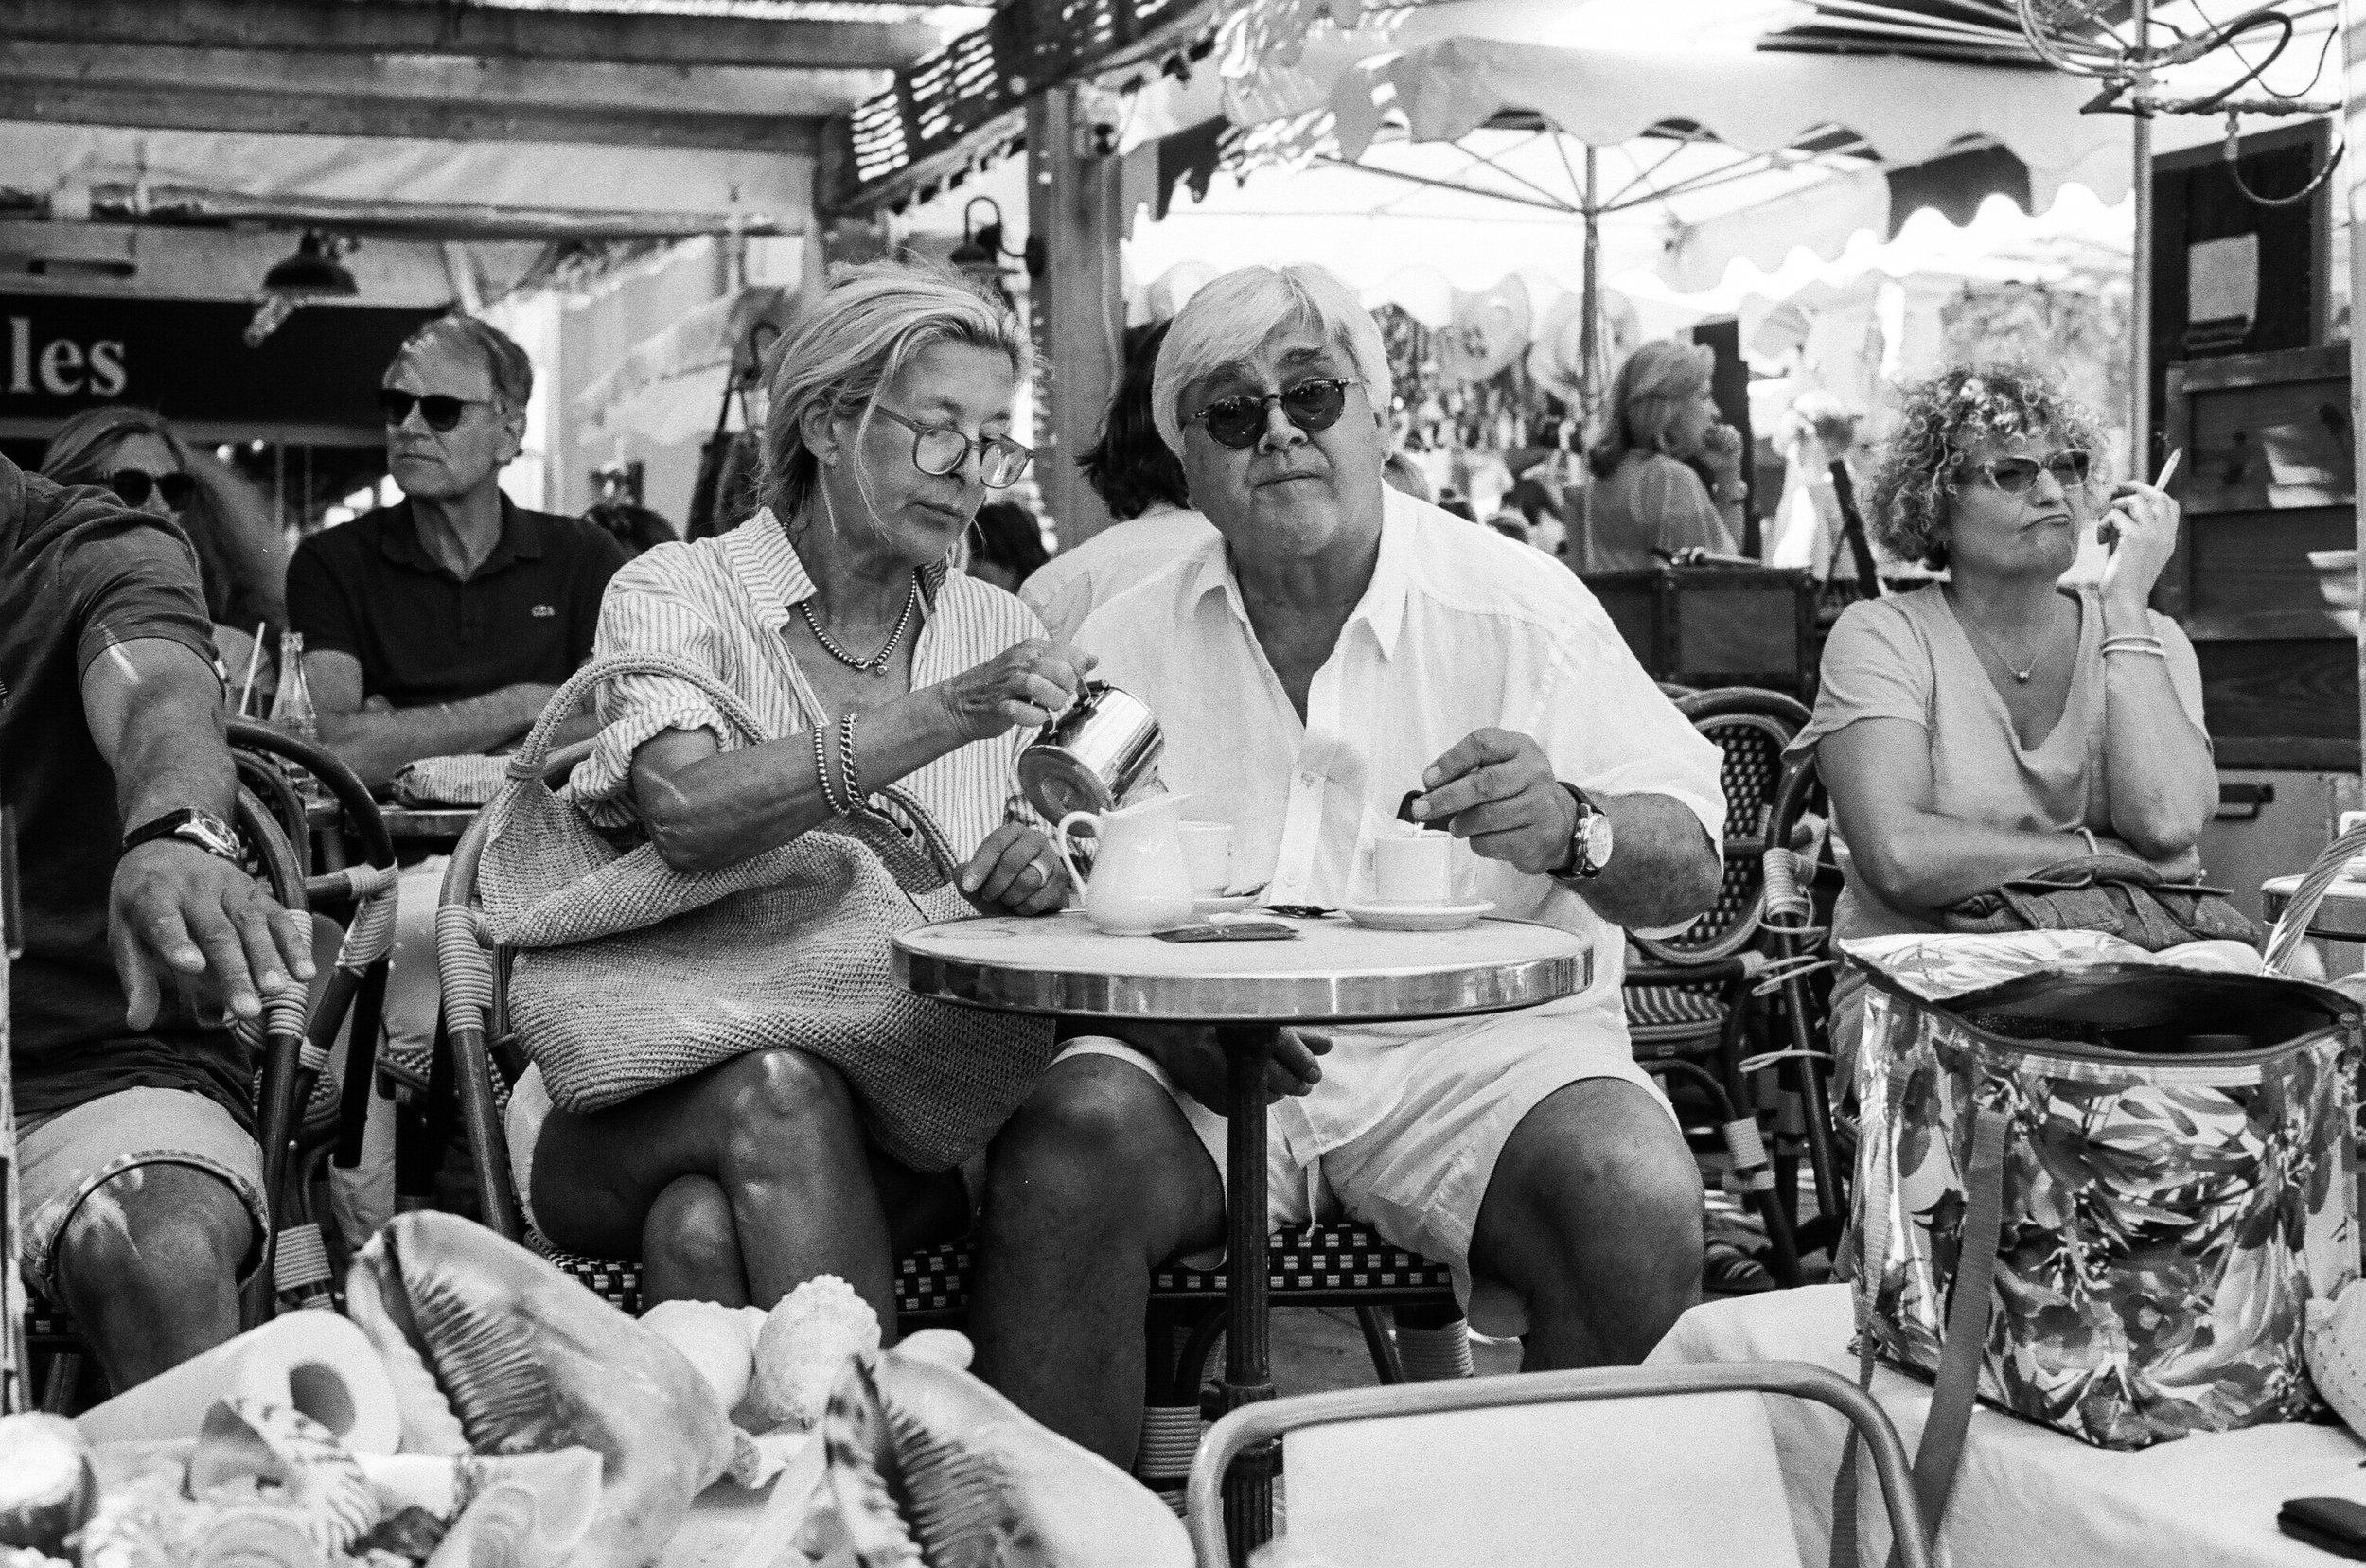 Breakfast, St. Tropez. France. 2017.